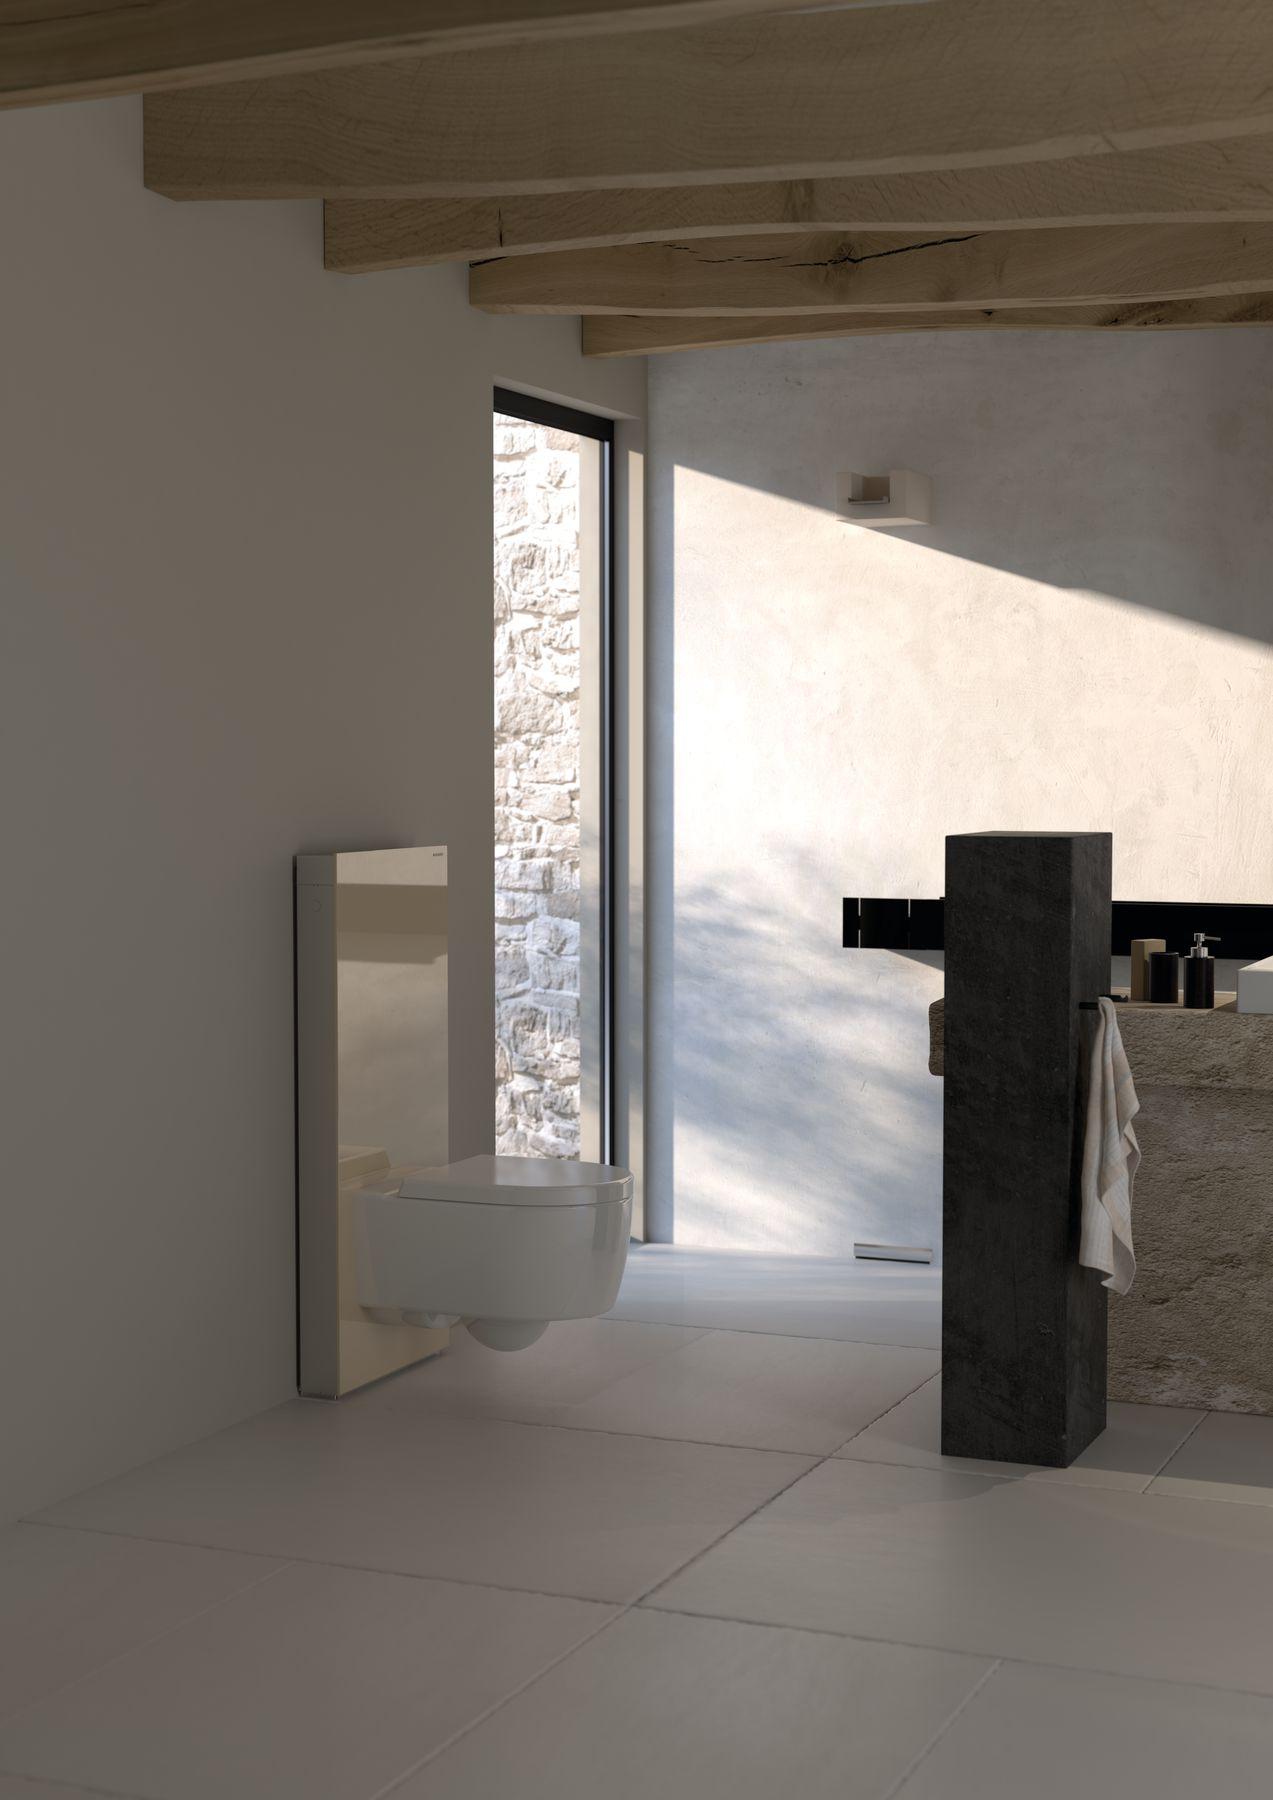 20170327&222628_Vieze Geurtjes Badkamer ~   & toilet  Nieuws Startpagina voor badkamer idee?n  UW badkamer nl